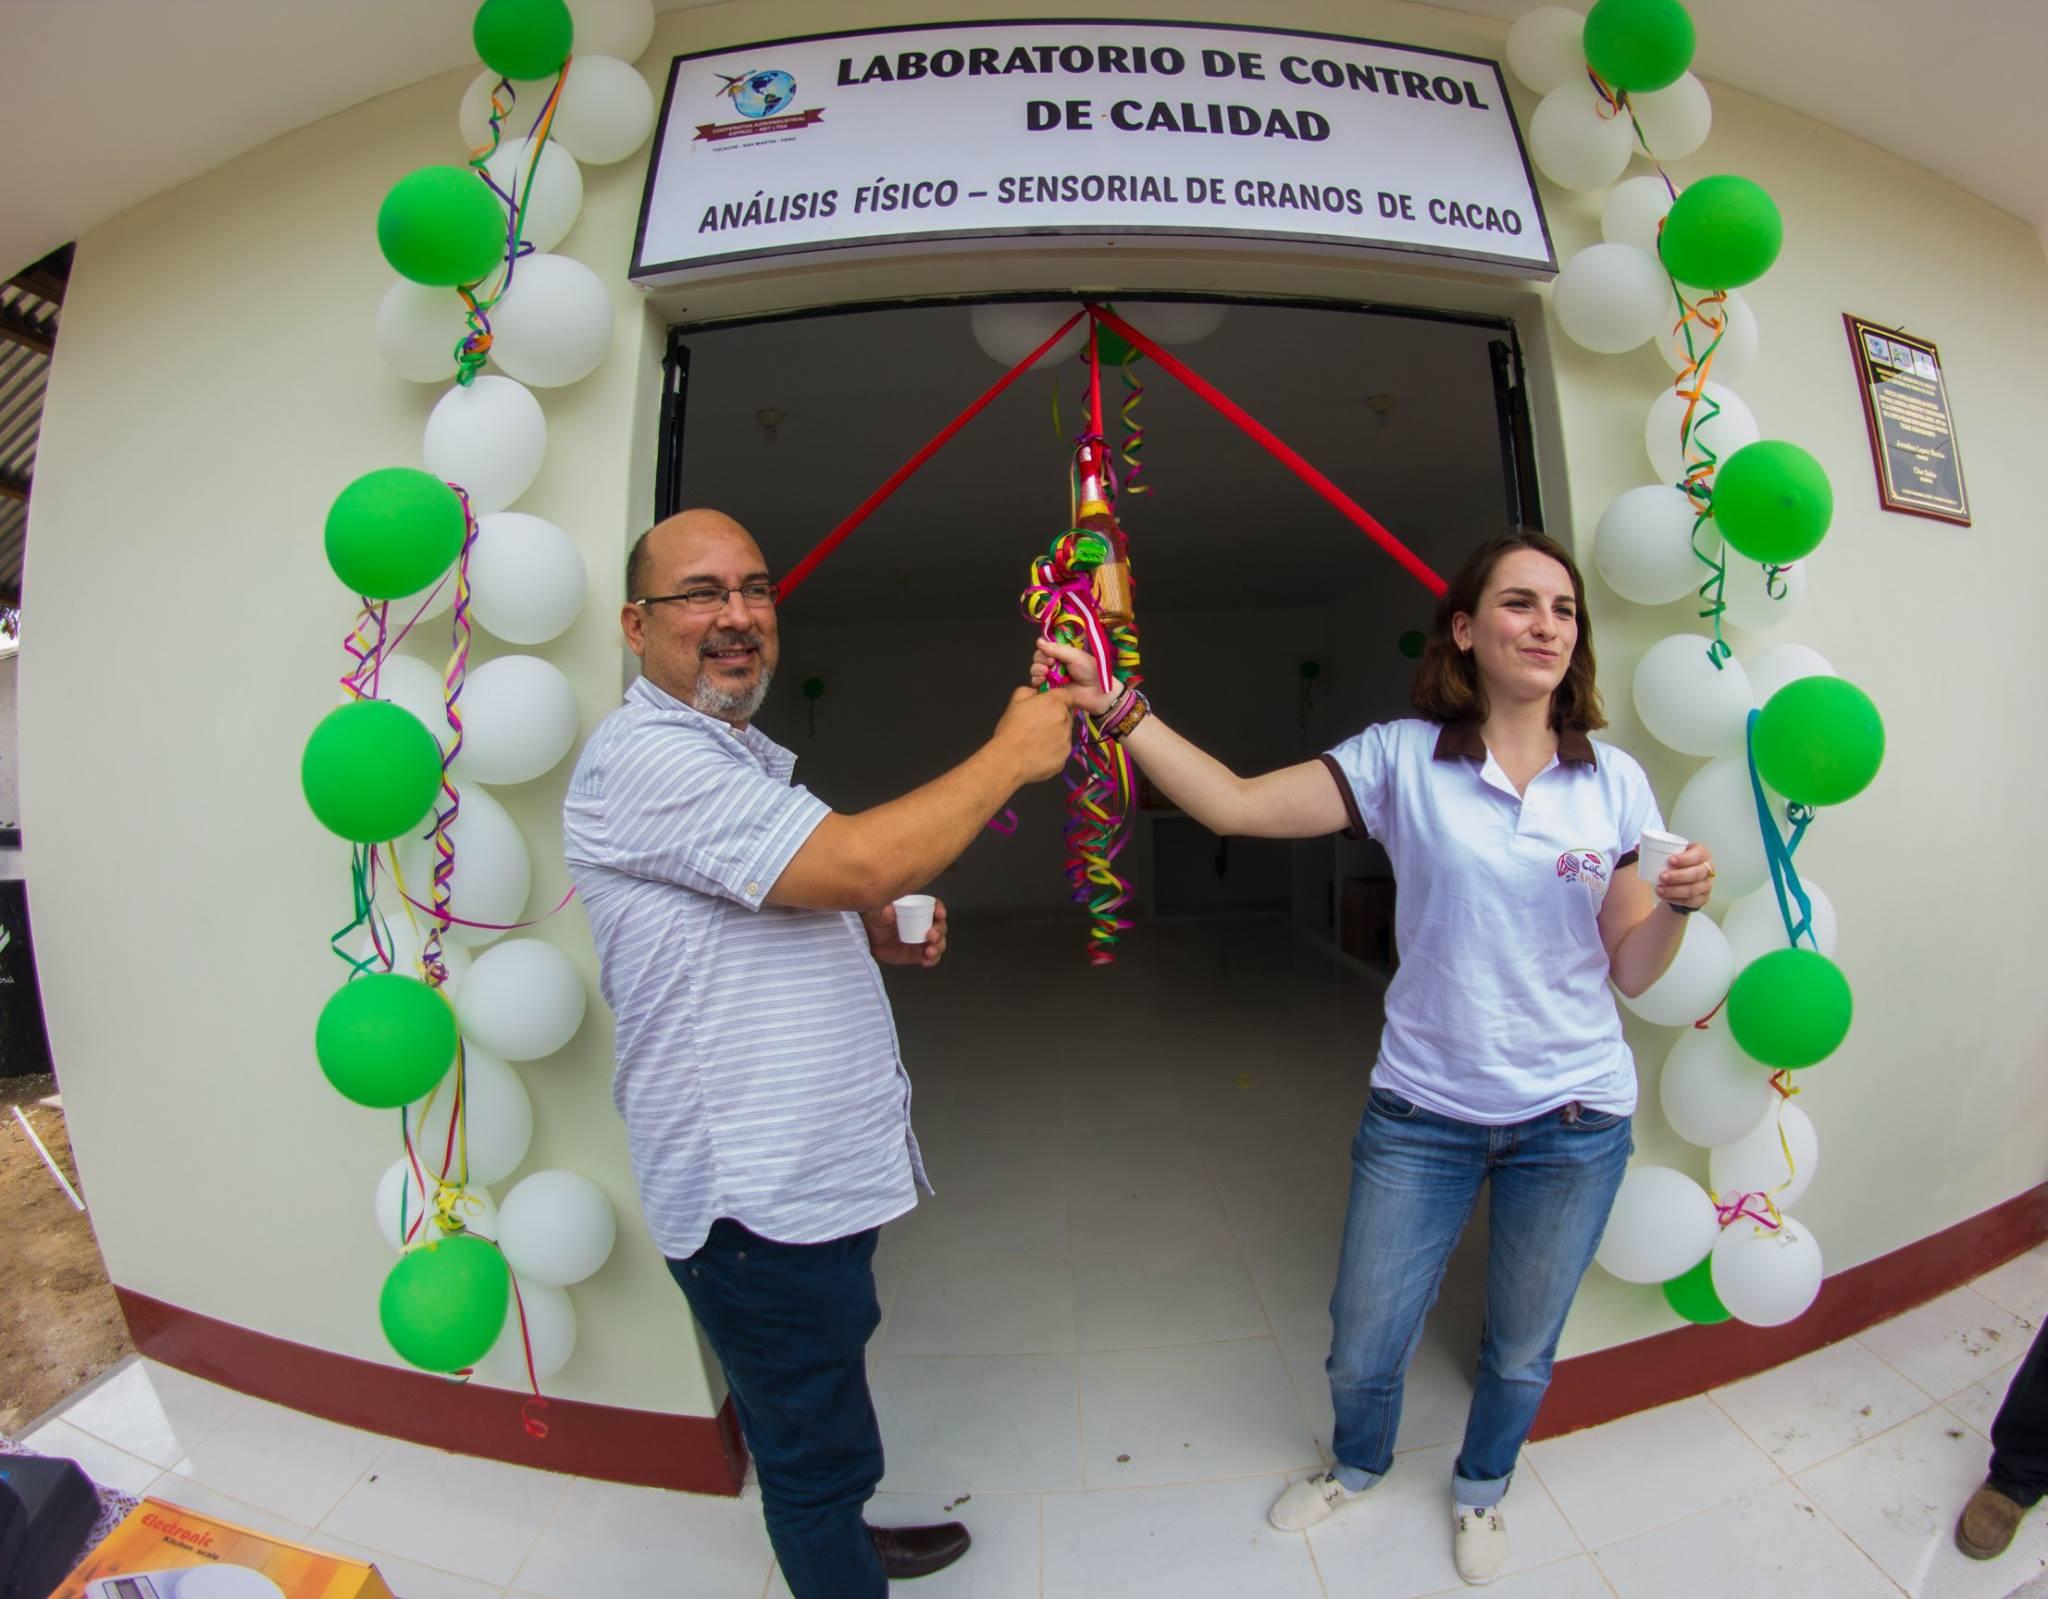 Cooperativa Asproc inauguró  laboratorio de análisis físico y sensorial de grano de cacao